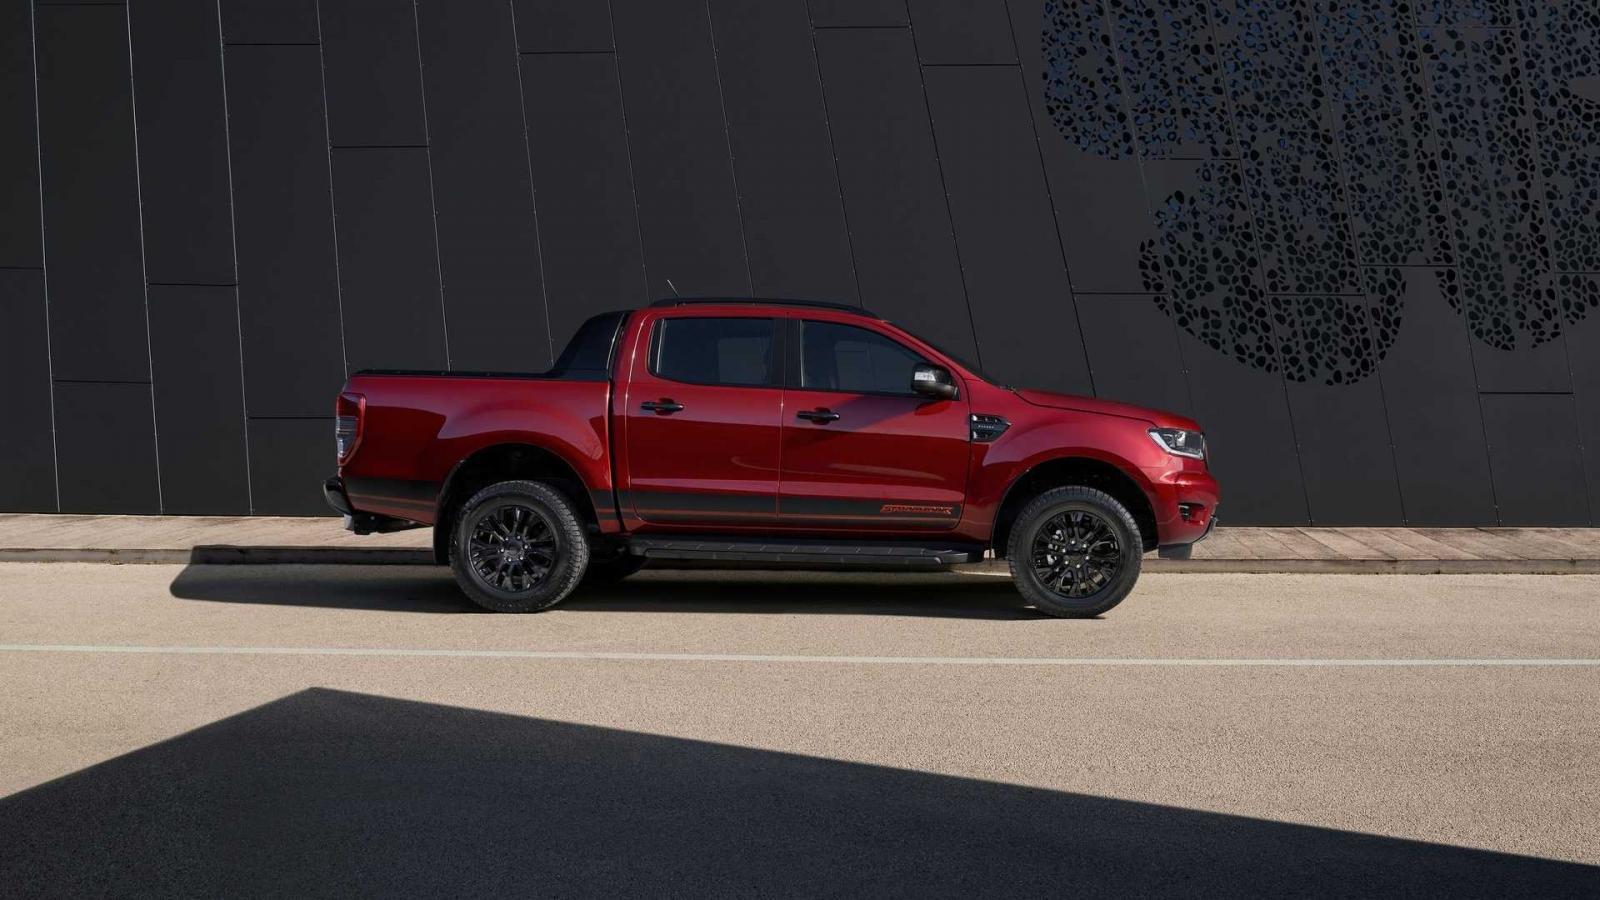 Ford Ranger Stormtrak bắt mắt với mọi góc nhìn.